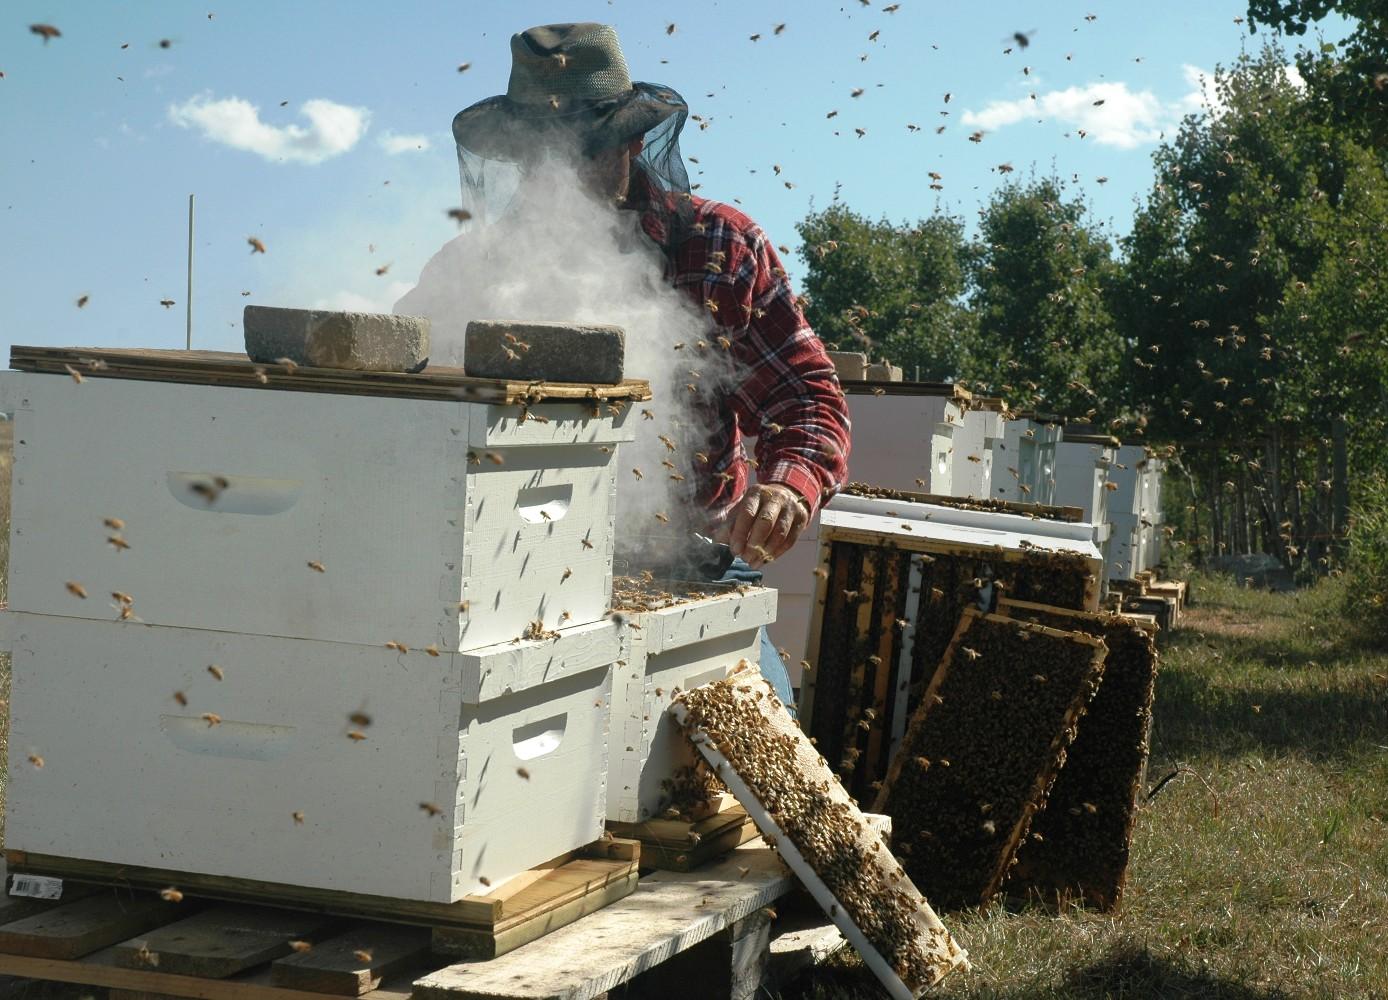 File:Beekeeper.jpg - Wikimedia Commons